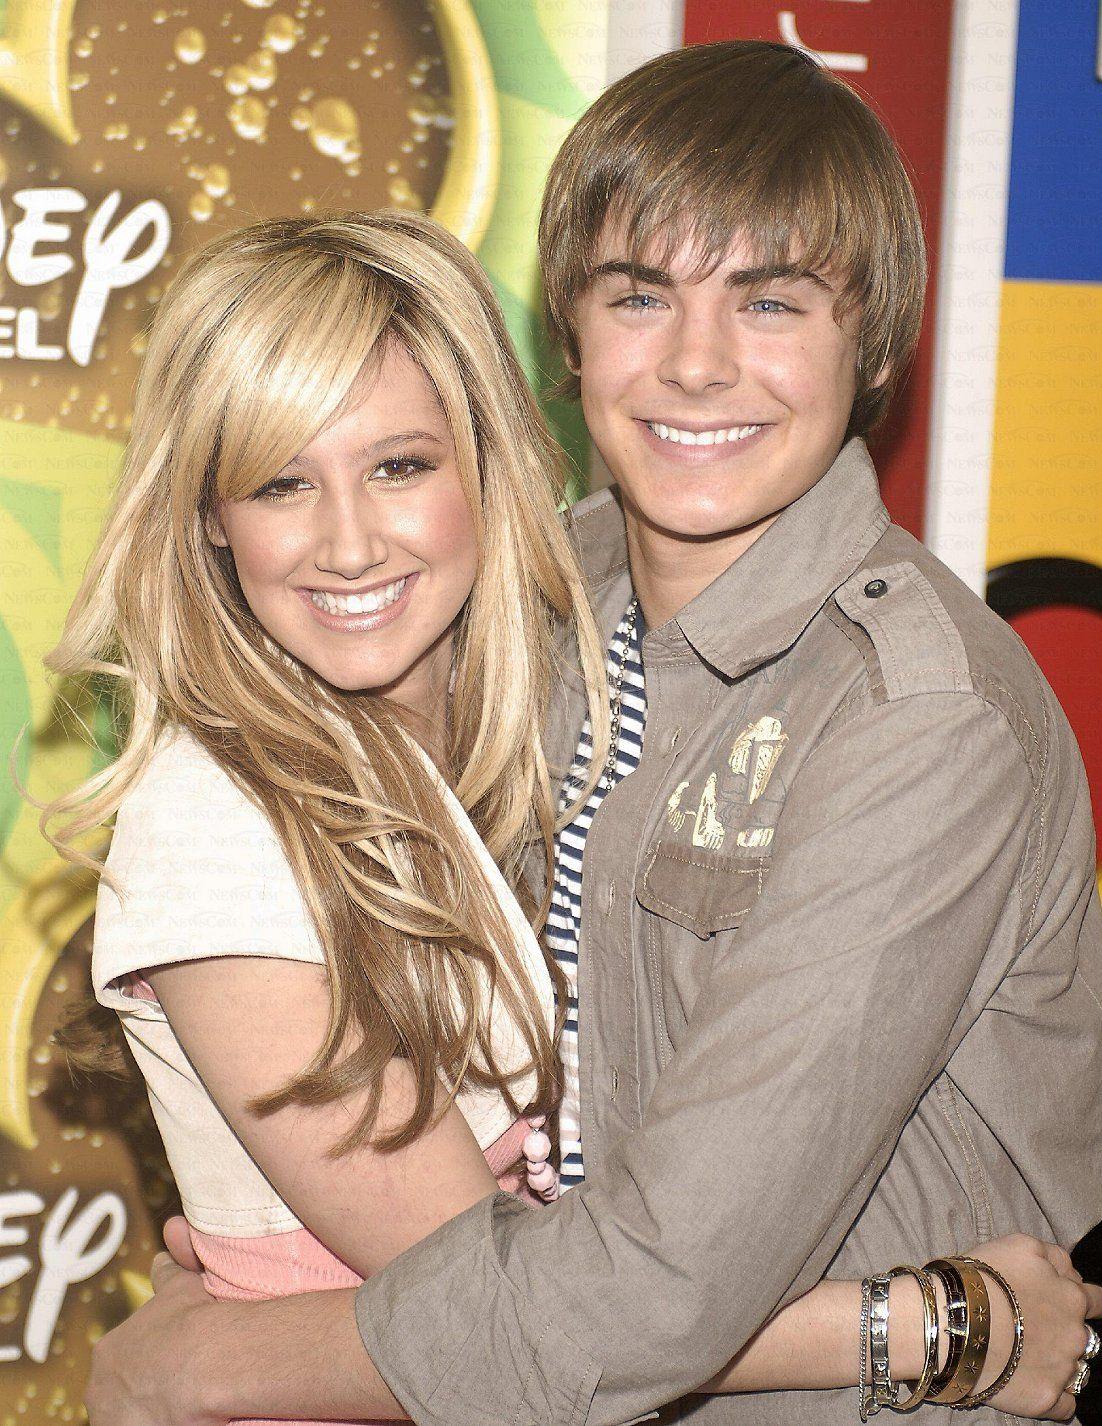 Är Ashley Tisdale och Zac Efron dating 2013